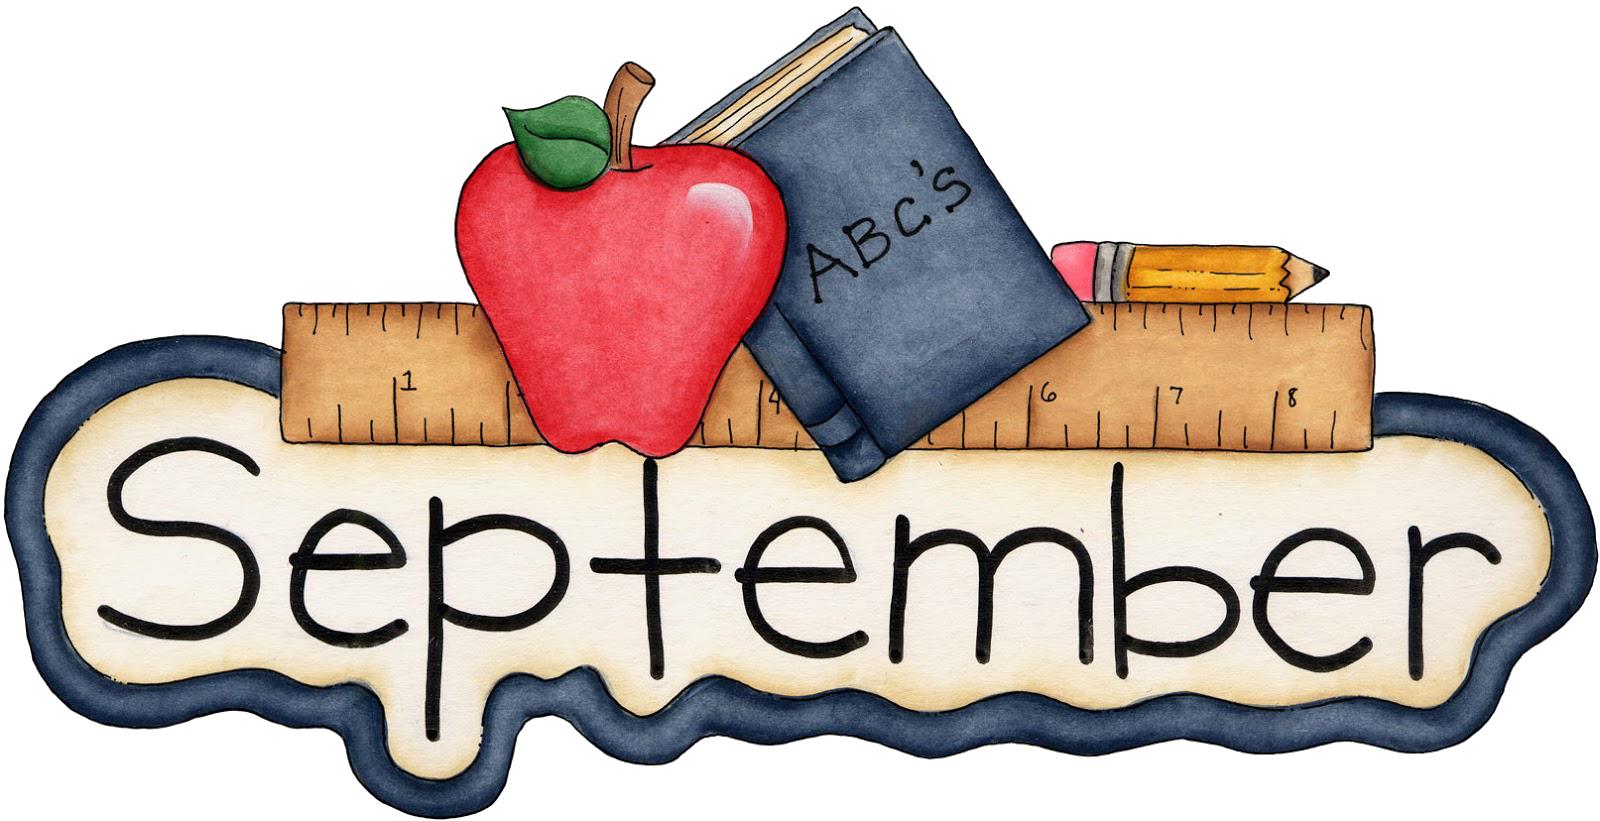 सितम्बर: 'सेप्टेम्बर' महीने का नाम लैटिन भाषा के शब्द 'सेप्टम' से रखा गया, जिसका मतलब है सातवां. रोमन कैलेंडर के आधार पर यह सातवां महीना था.